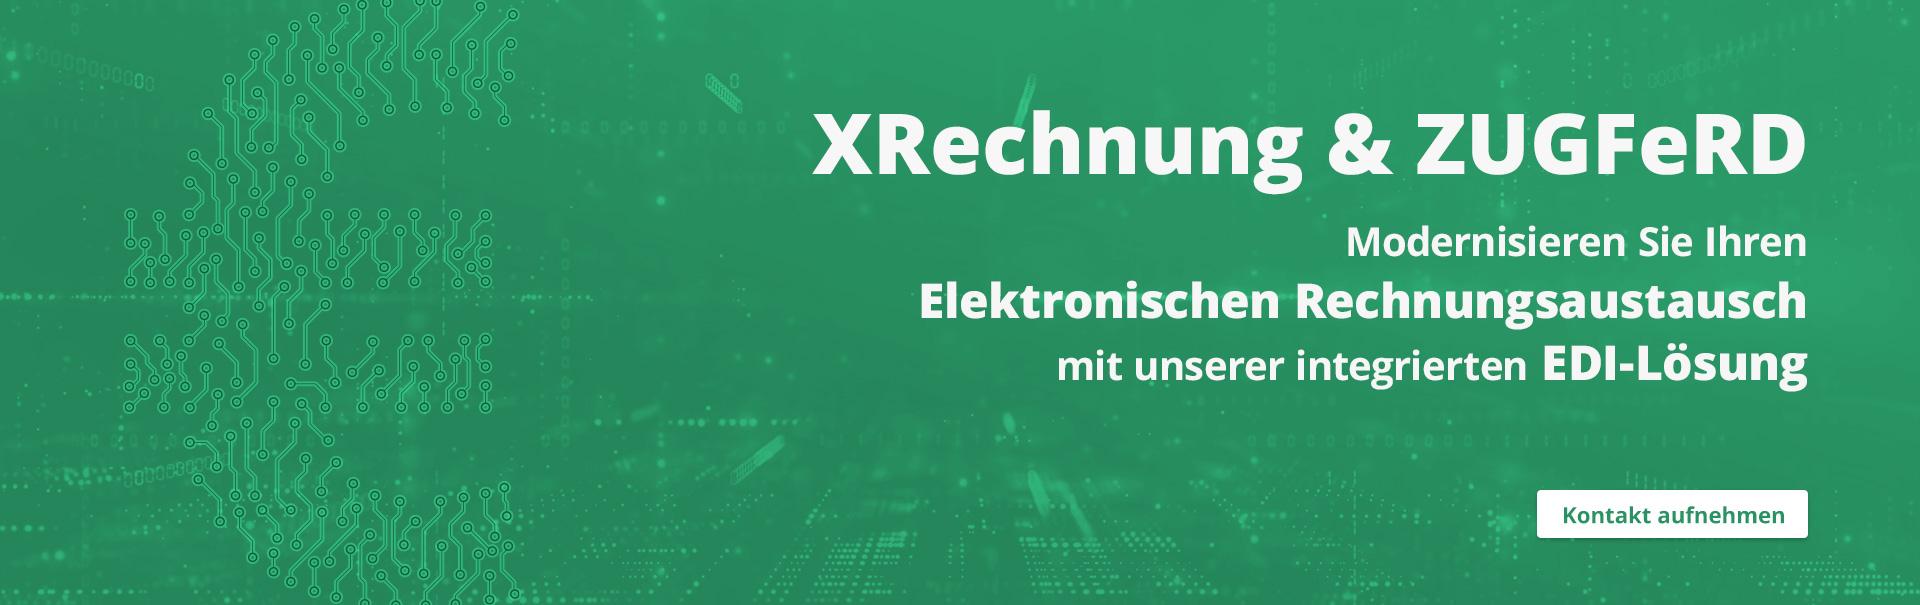 i-effect: E-invoicing mit XRechnung und ZUGFeRD